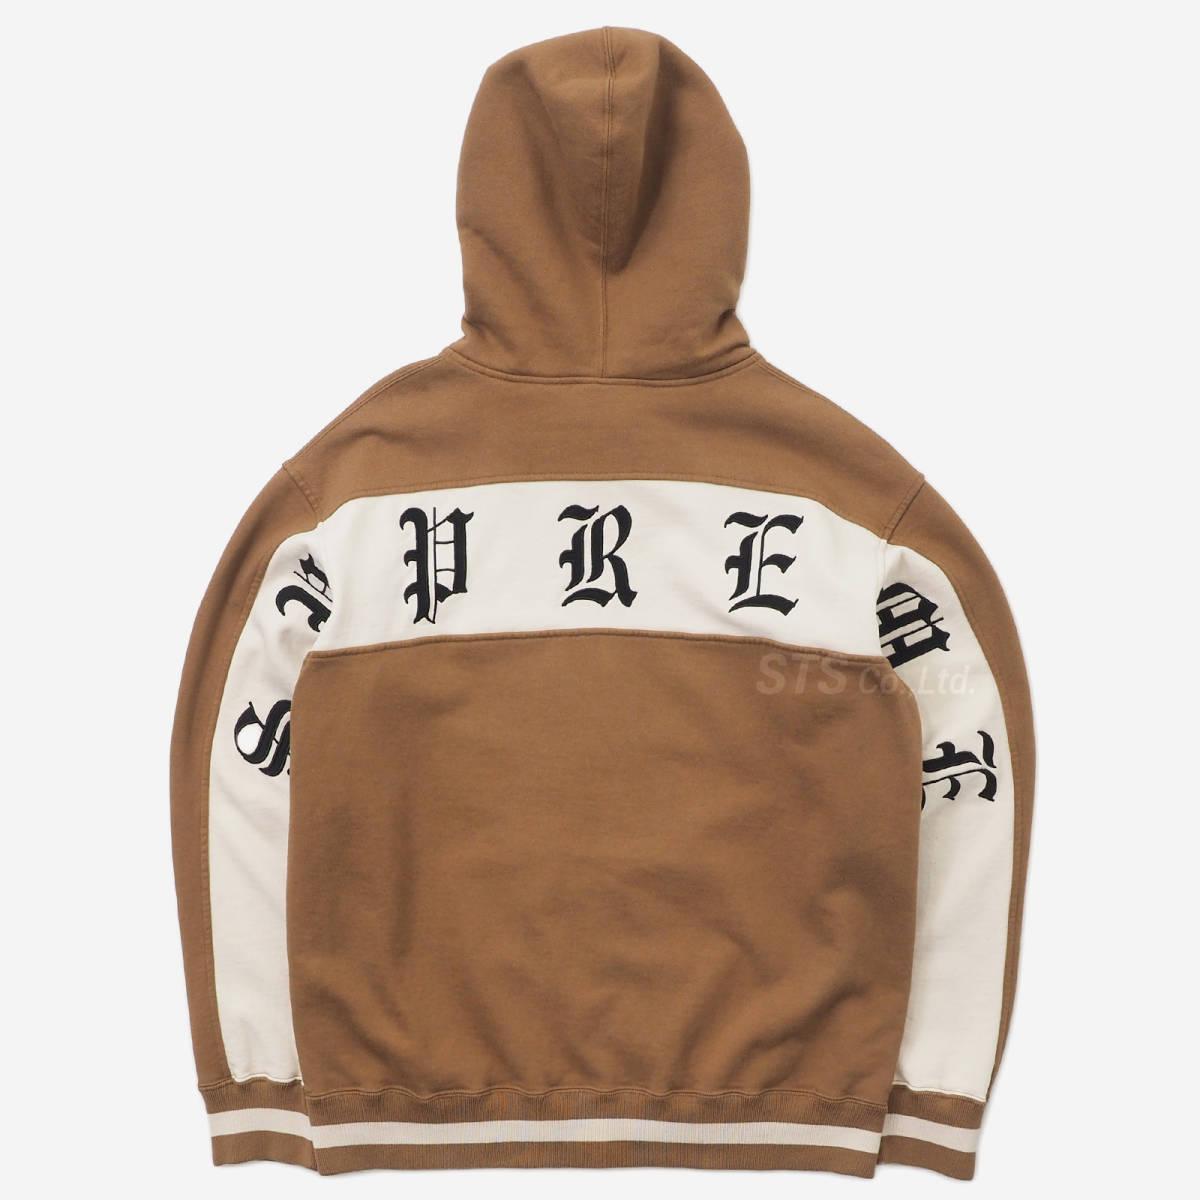 [新品] Supreme Old English Stripe Zip Up Sweatshirt [Mサイズ]